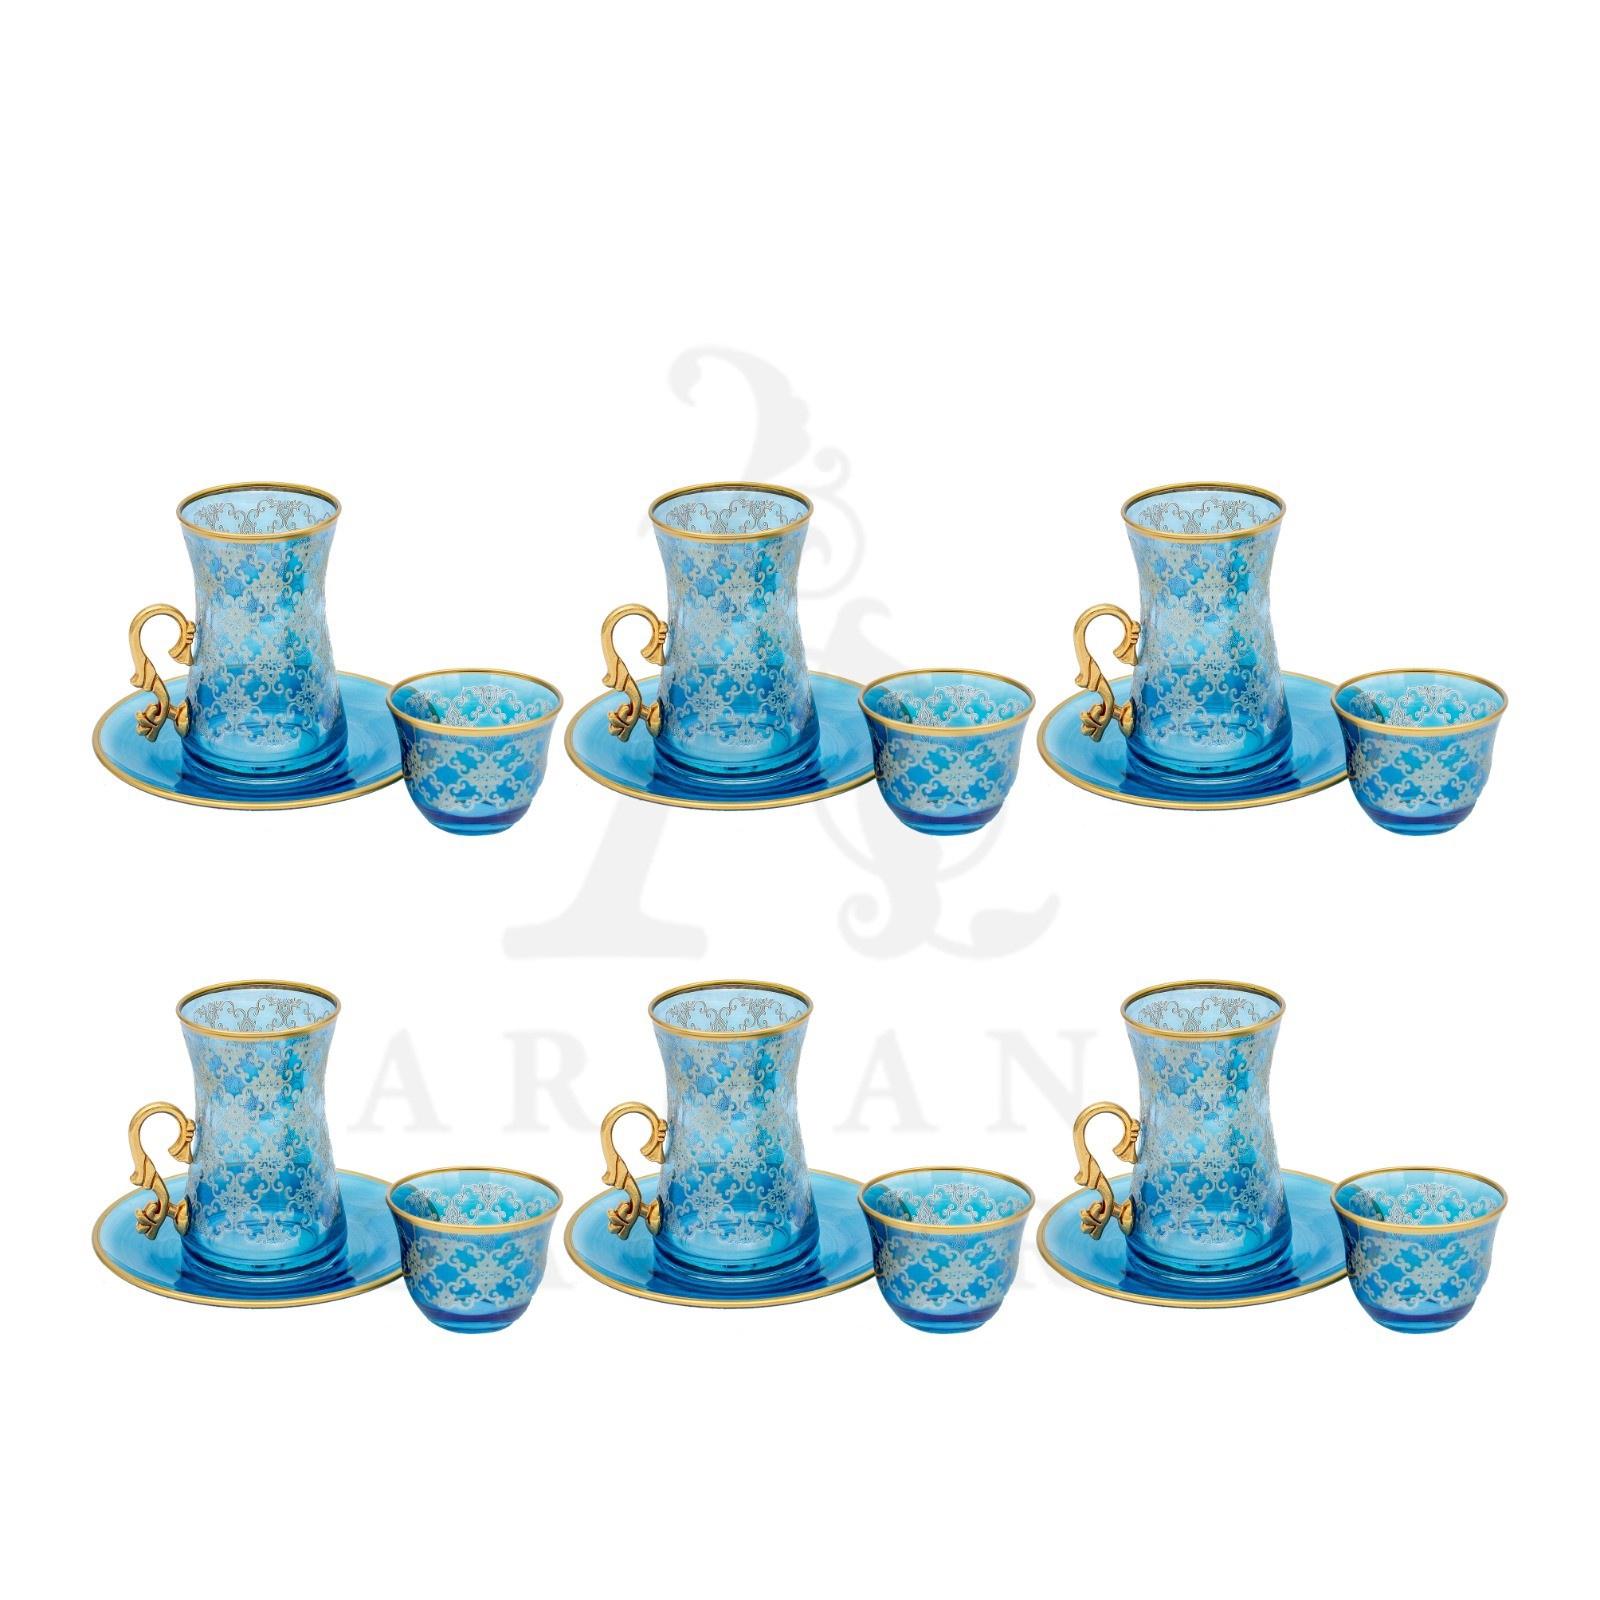 Buy Tea Cup Set Rhomb Blue Gold Rim 18 Pcs